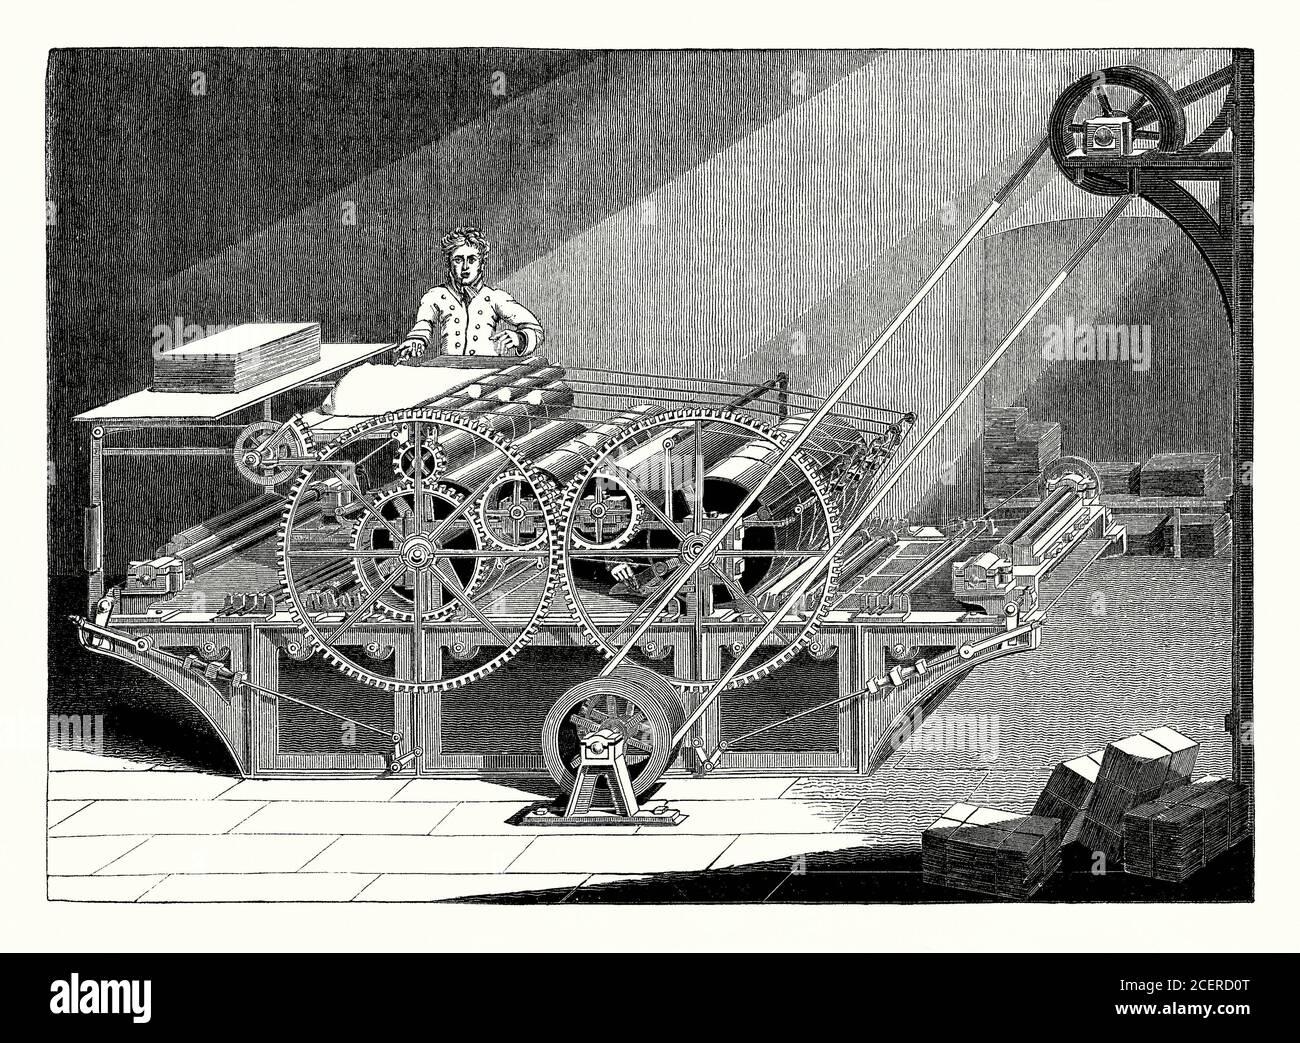 Eine alte 1800er Gravur einer dampfbetriebenen, rotierenden Zylinderdruckmaschine, die in der industriellen Revolution der viktorianischen Zeit verwendet wurde. Die Deutschen Friedrich Koenig und Andreas Bauer entwarfen und bauten Anfang des 19. Jahrhunderts ihre erste Zylinderpresse. Sie war viel schneller als die bestehenden Flachbettpressen. Einer ihrer ersten Kunden war John Walter von der Zeitung The Times. Die erste Ausgabe der Times, die die neuen Druckmaschinen verwendete, wurde 1814 veröffentlicht. Die Presse wurde heimlich installiert, um Sabotage durch verärgerte Pressearbeiter (Ludditen) zu vermeiden, die die bestehenden Pressen betrieben. Stockfoto